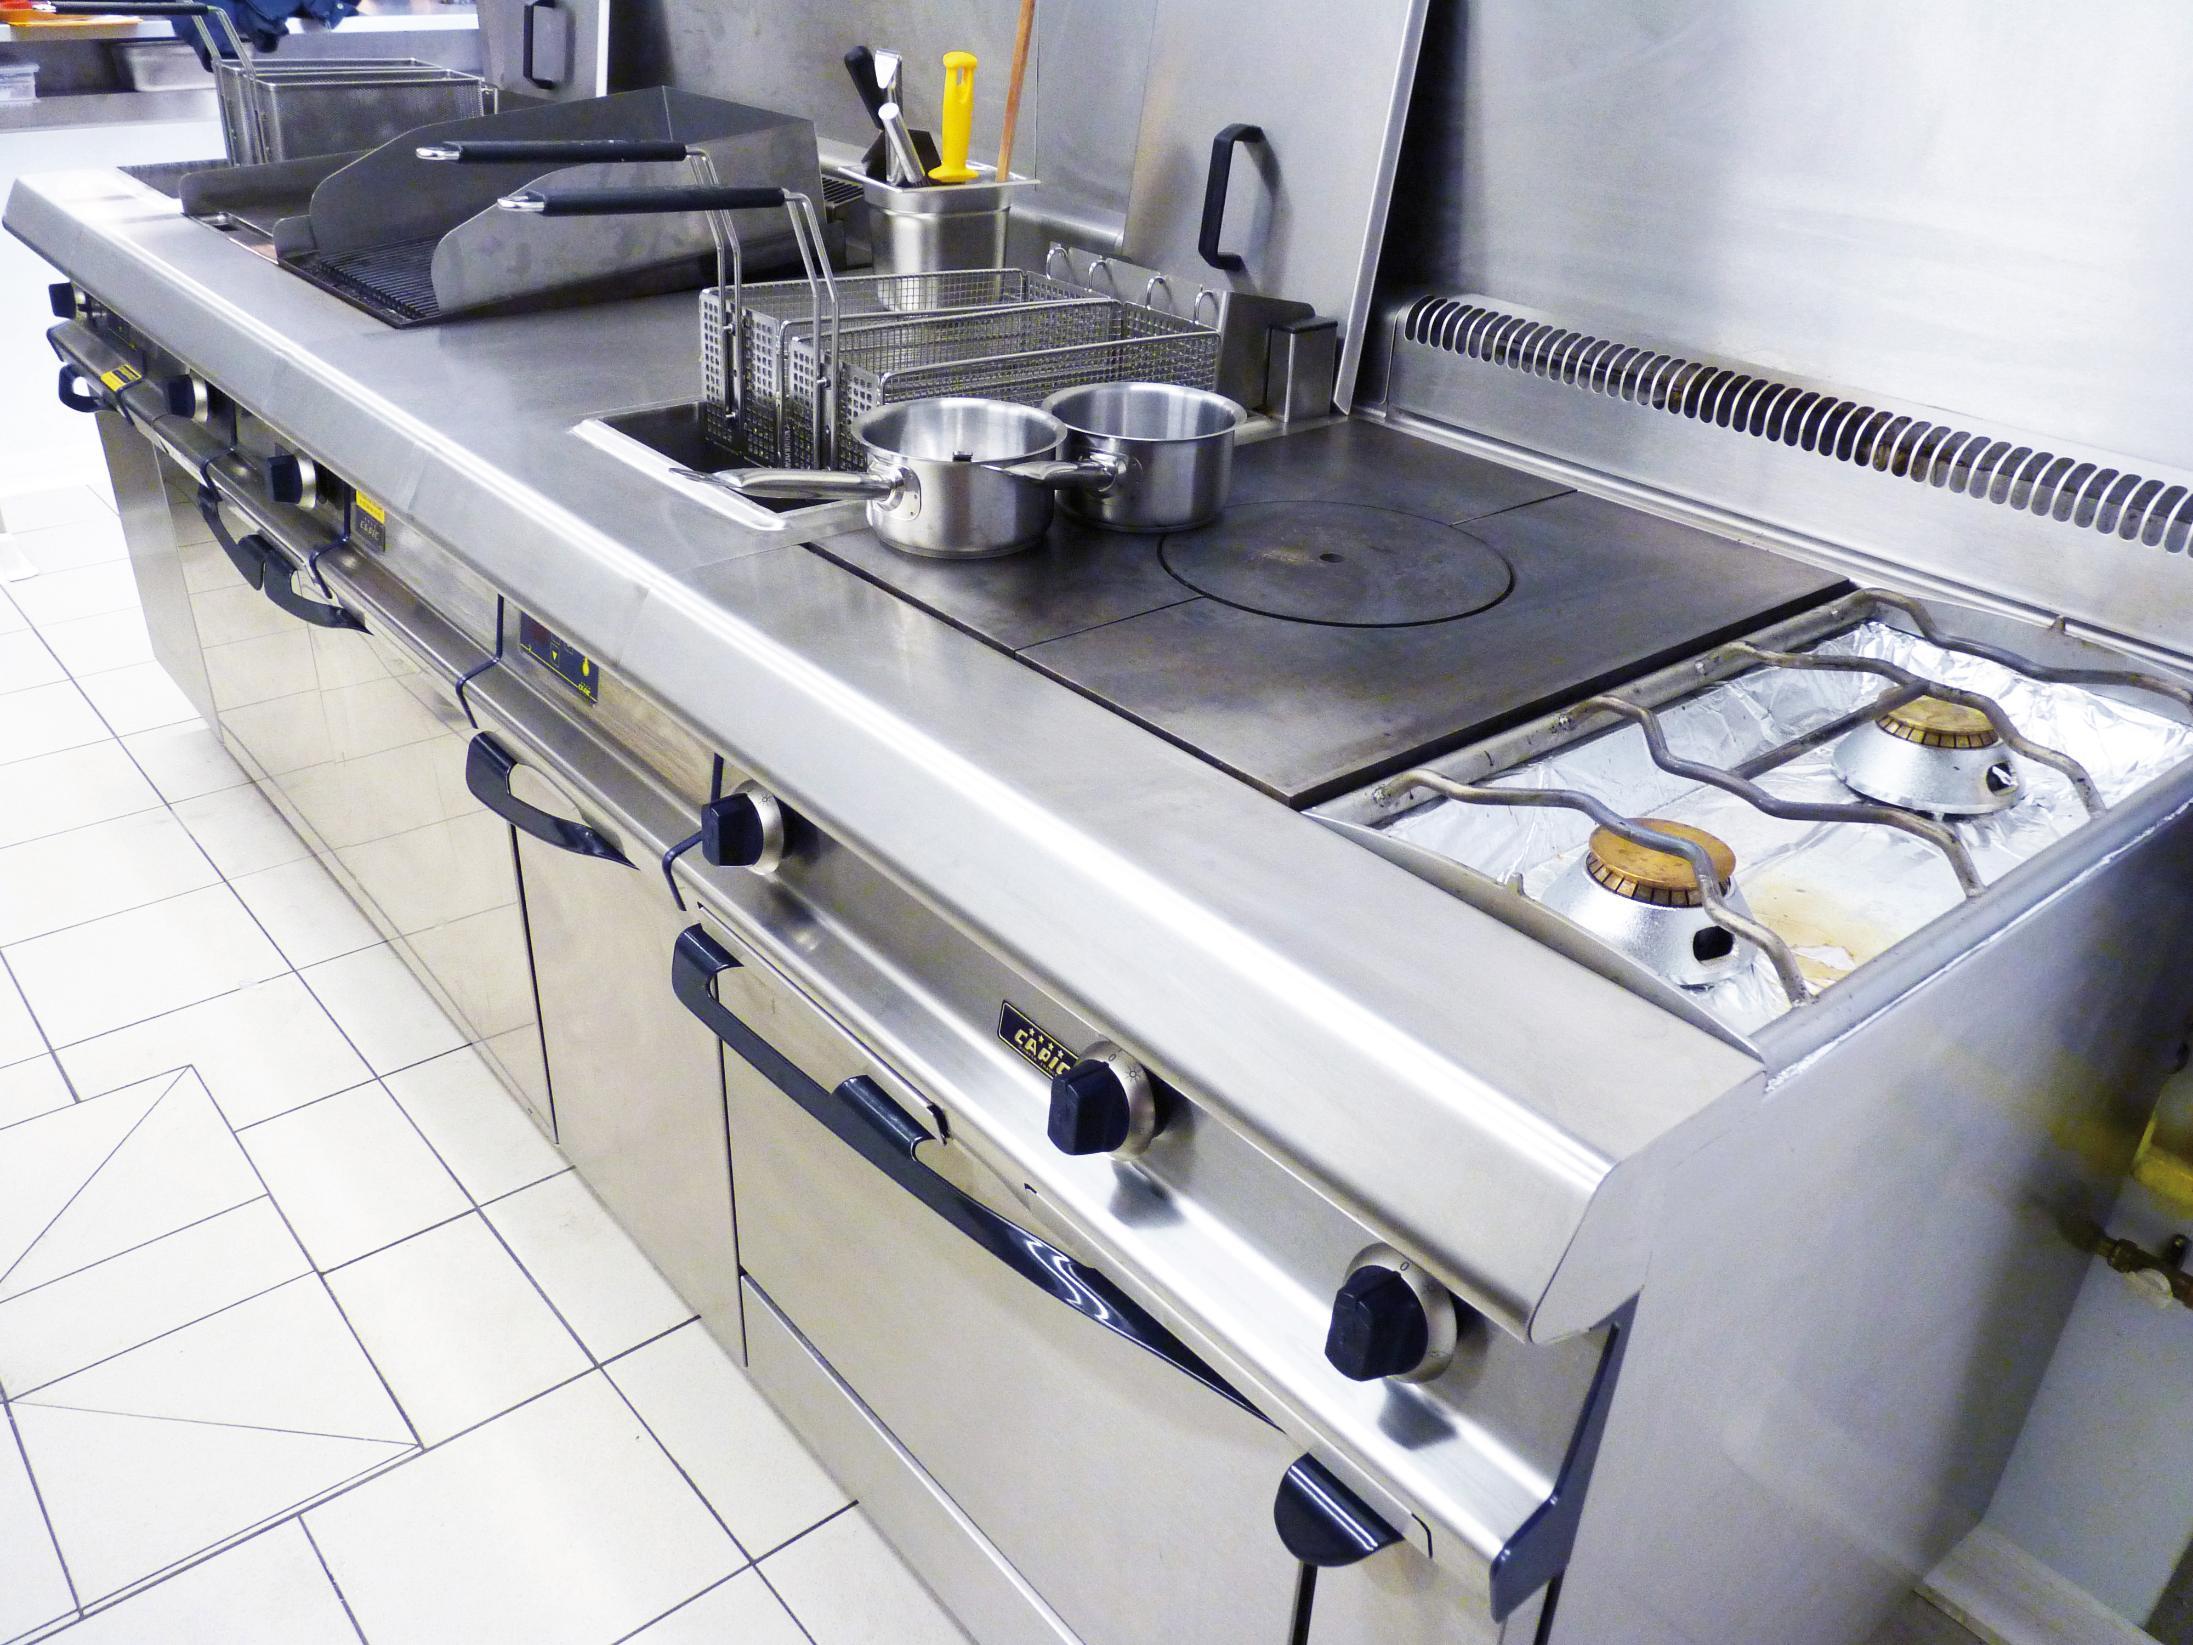 Meilleurs quipements de cuisson cuisine professionnelle for Plaque cuisson restaurant